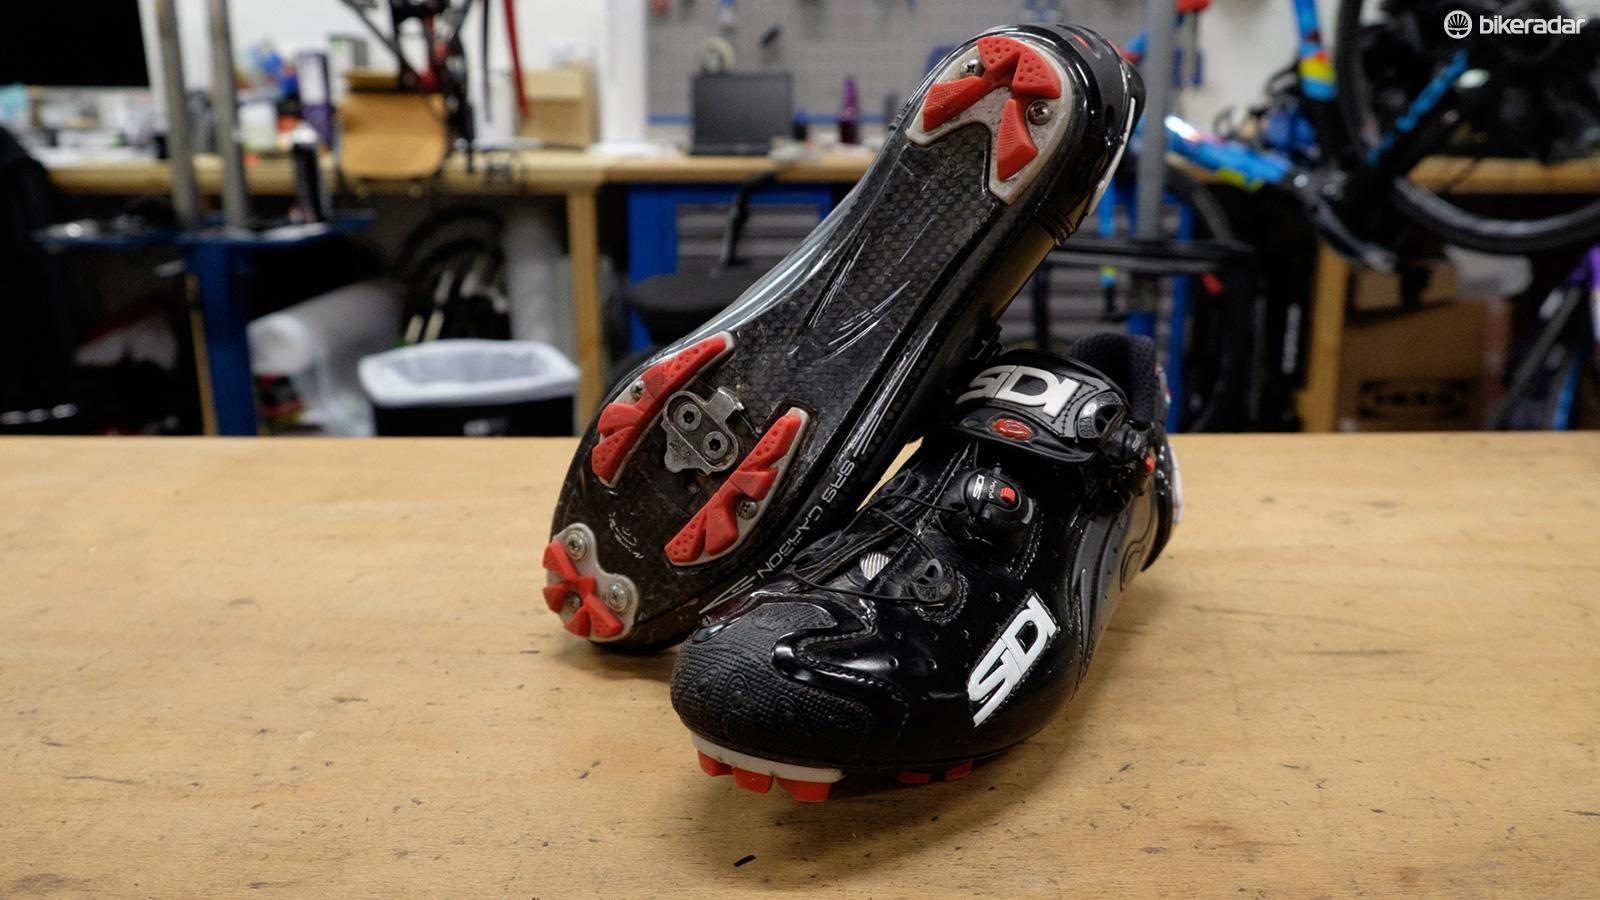 Sidi's Drako XC shoe